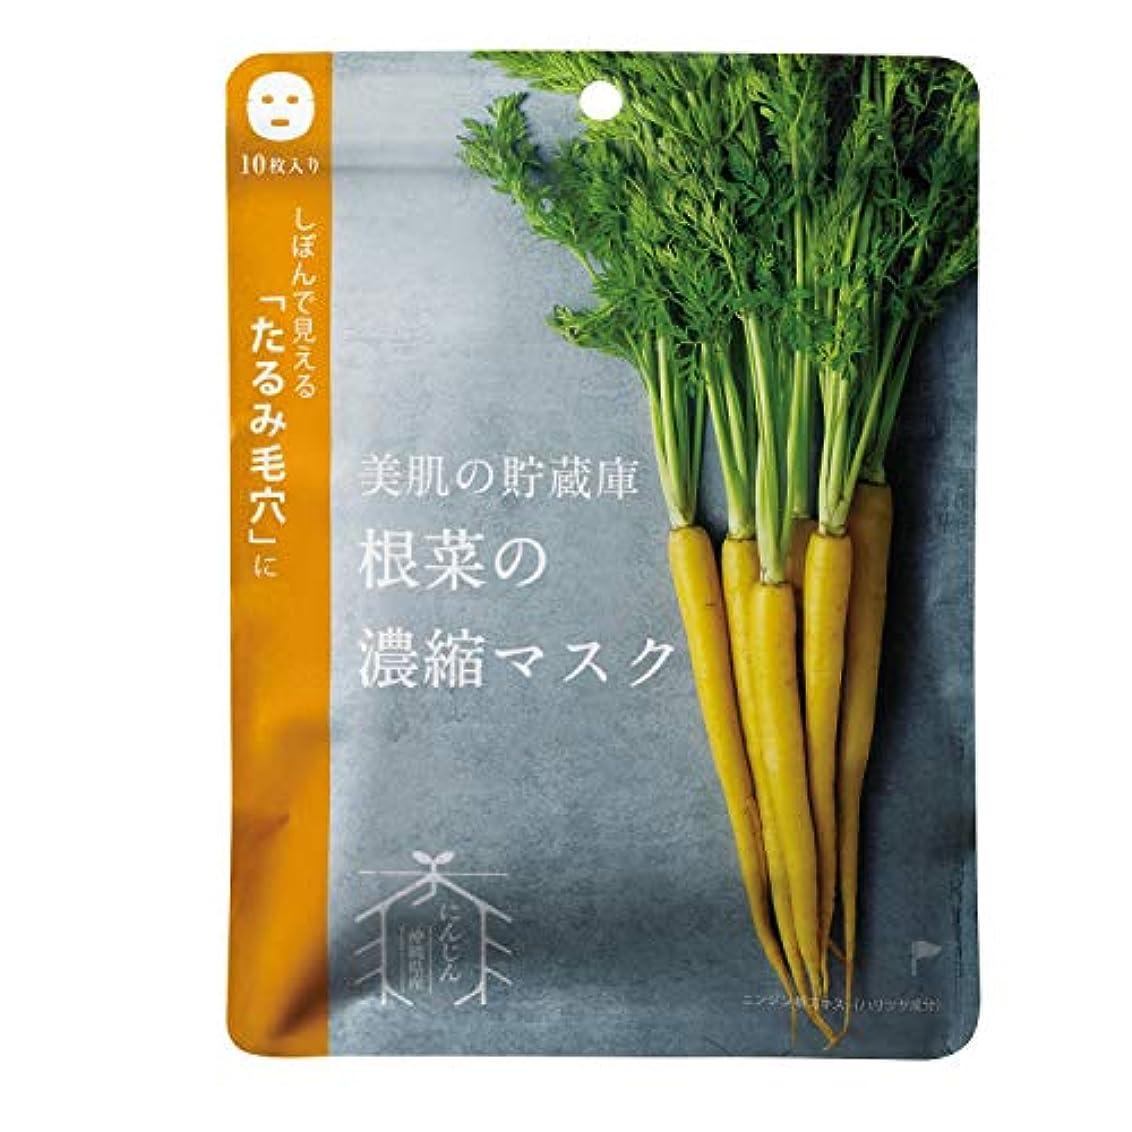 ライオン作り祖父母を訪問@cosme nippon 美肌の貯蔵庫 根菜の濃縮マスク 島にんじん 10枚 160ml